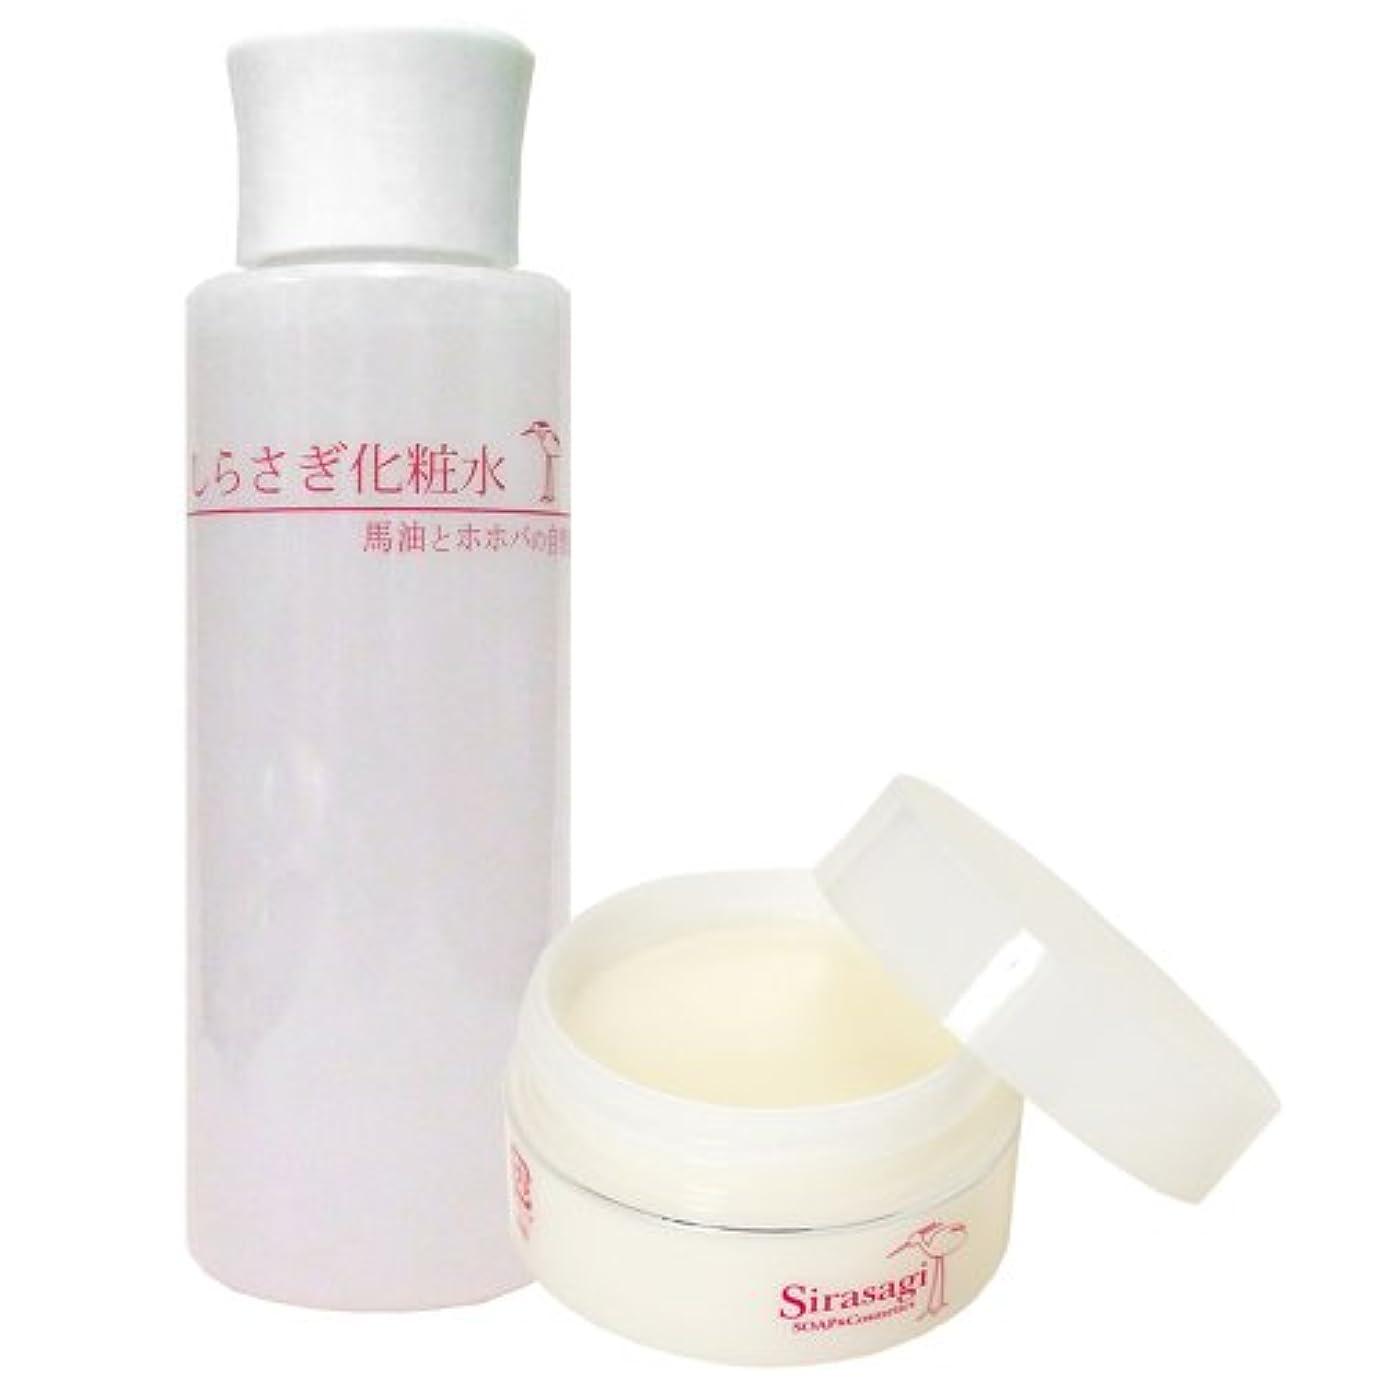 大きなスケールで見ると泥外交問題しらさぎクリーム(ラベンダーとローズウッドの香り)としらさぎ化粧水のセット